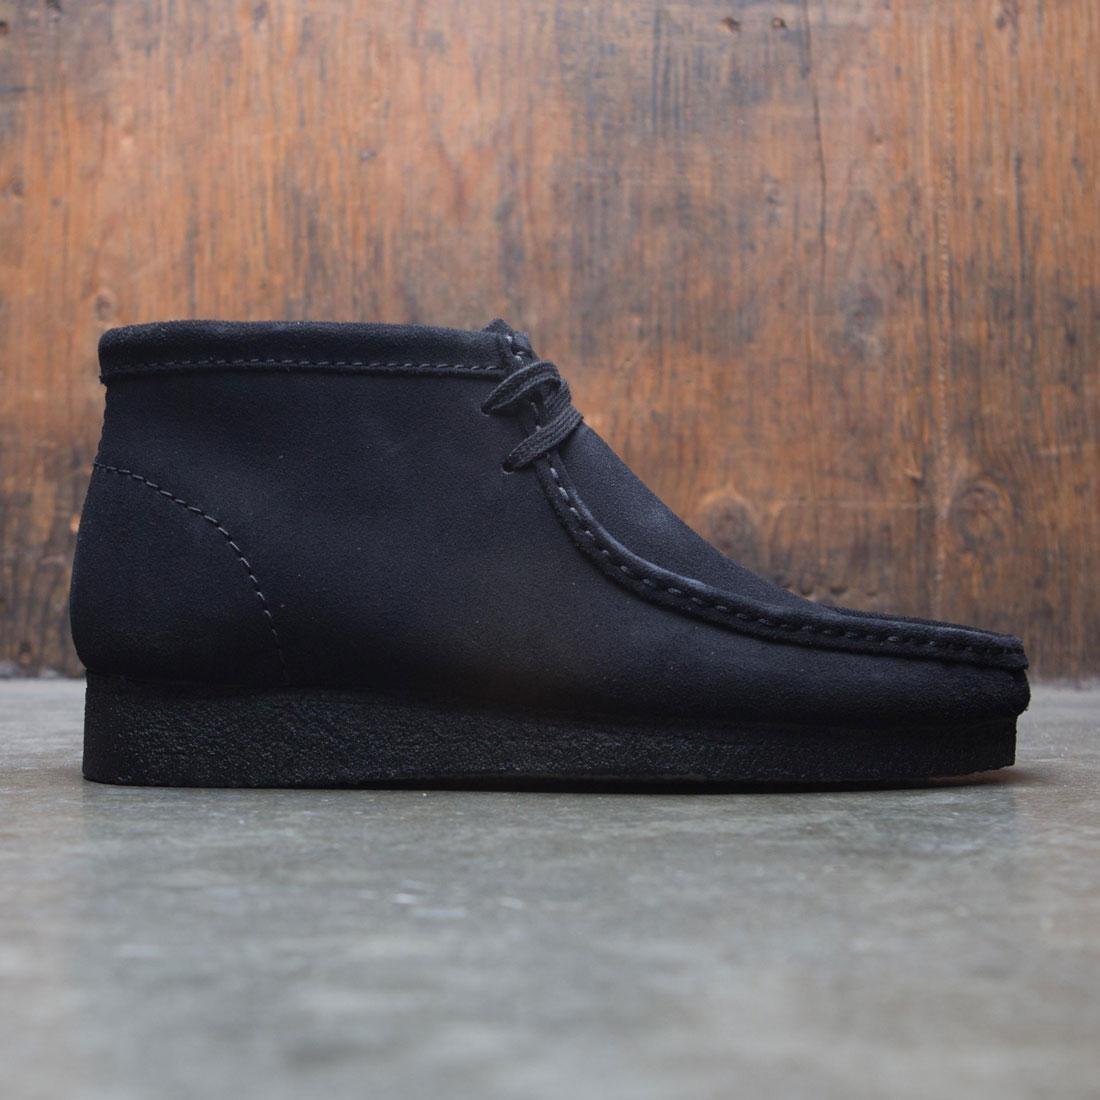 【海外限定】クラークス ブーツ メンズ靴 靴 【 CLARKS MEN WALLABEE BOOT BLACK SUEDE 】